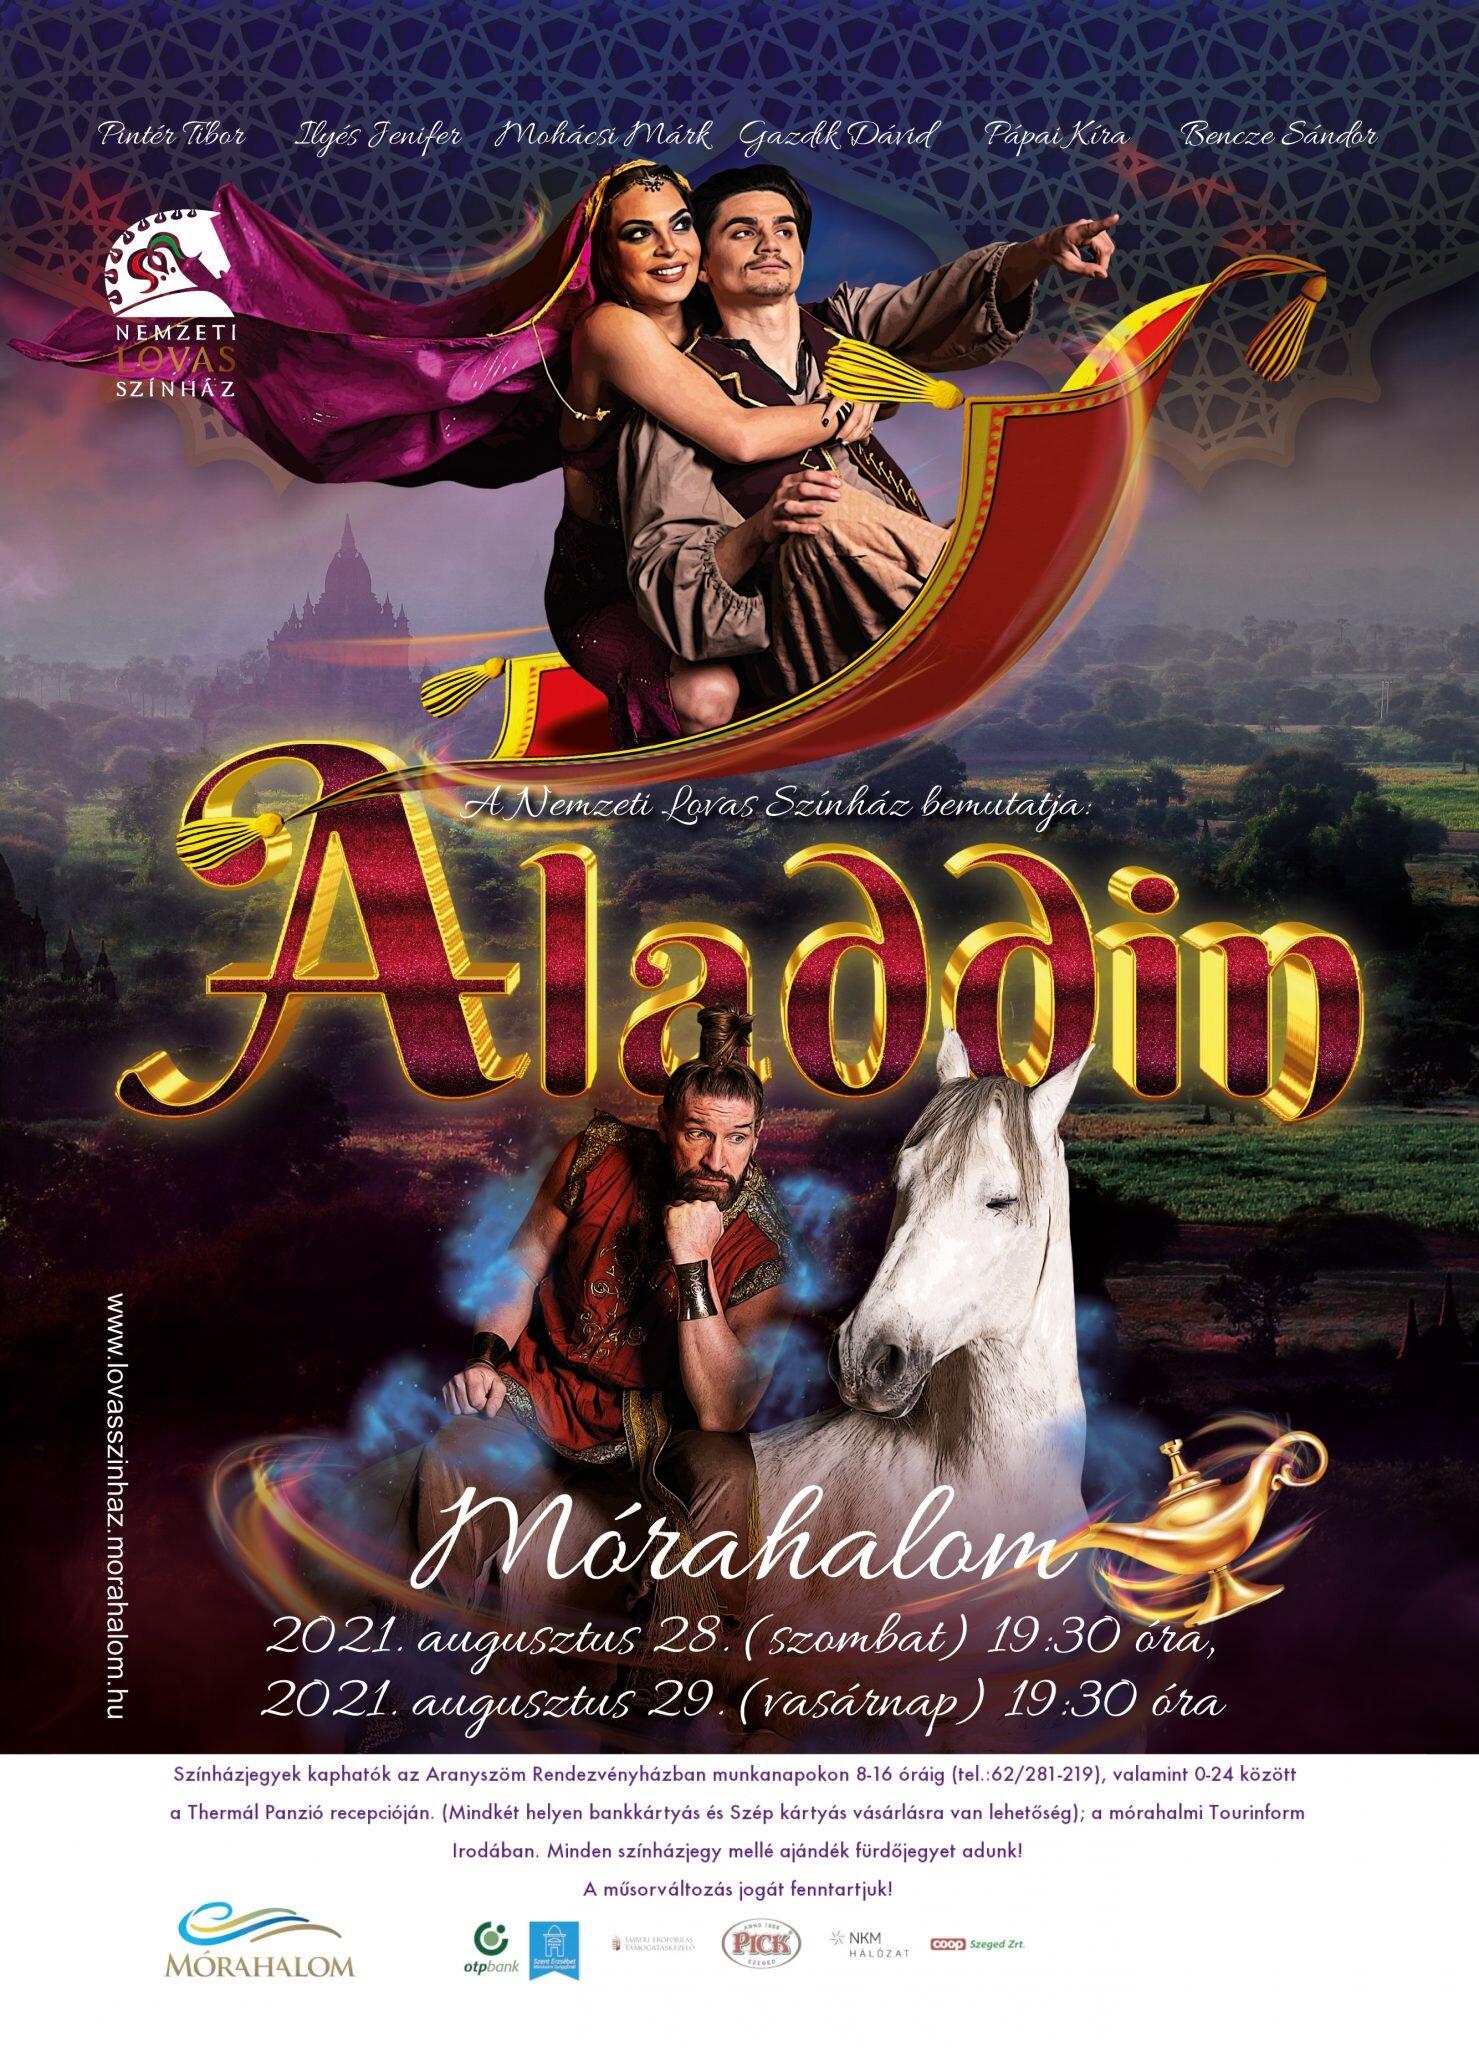 Aladdin 2021.08.28. (szombat)